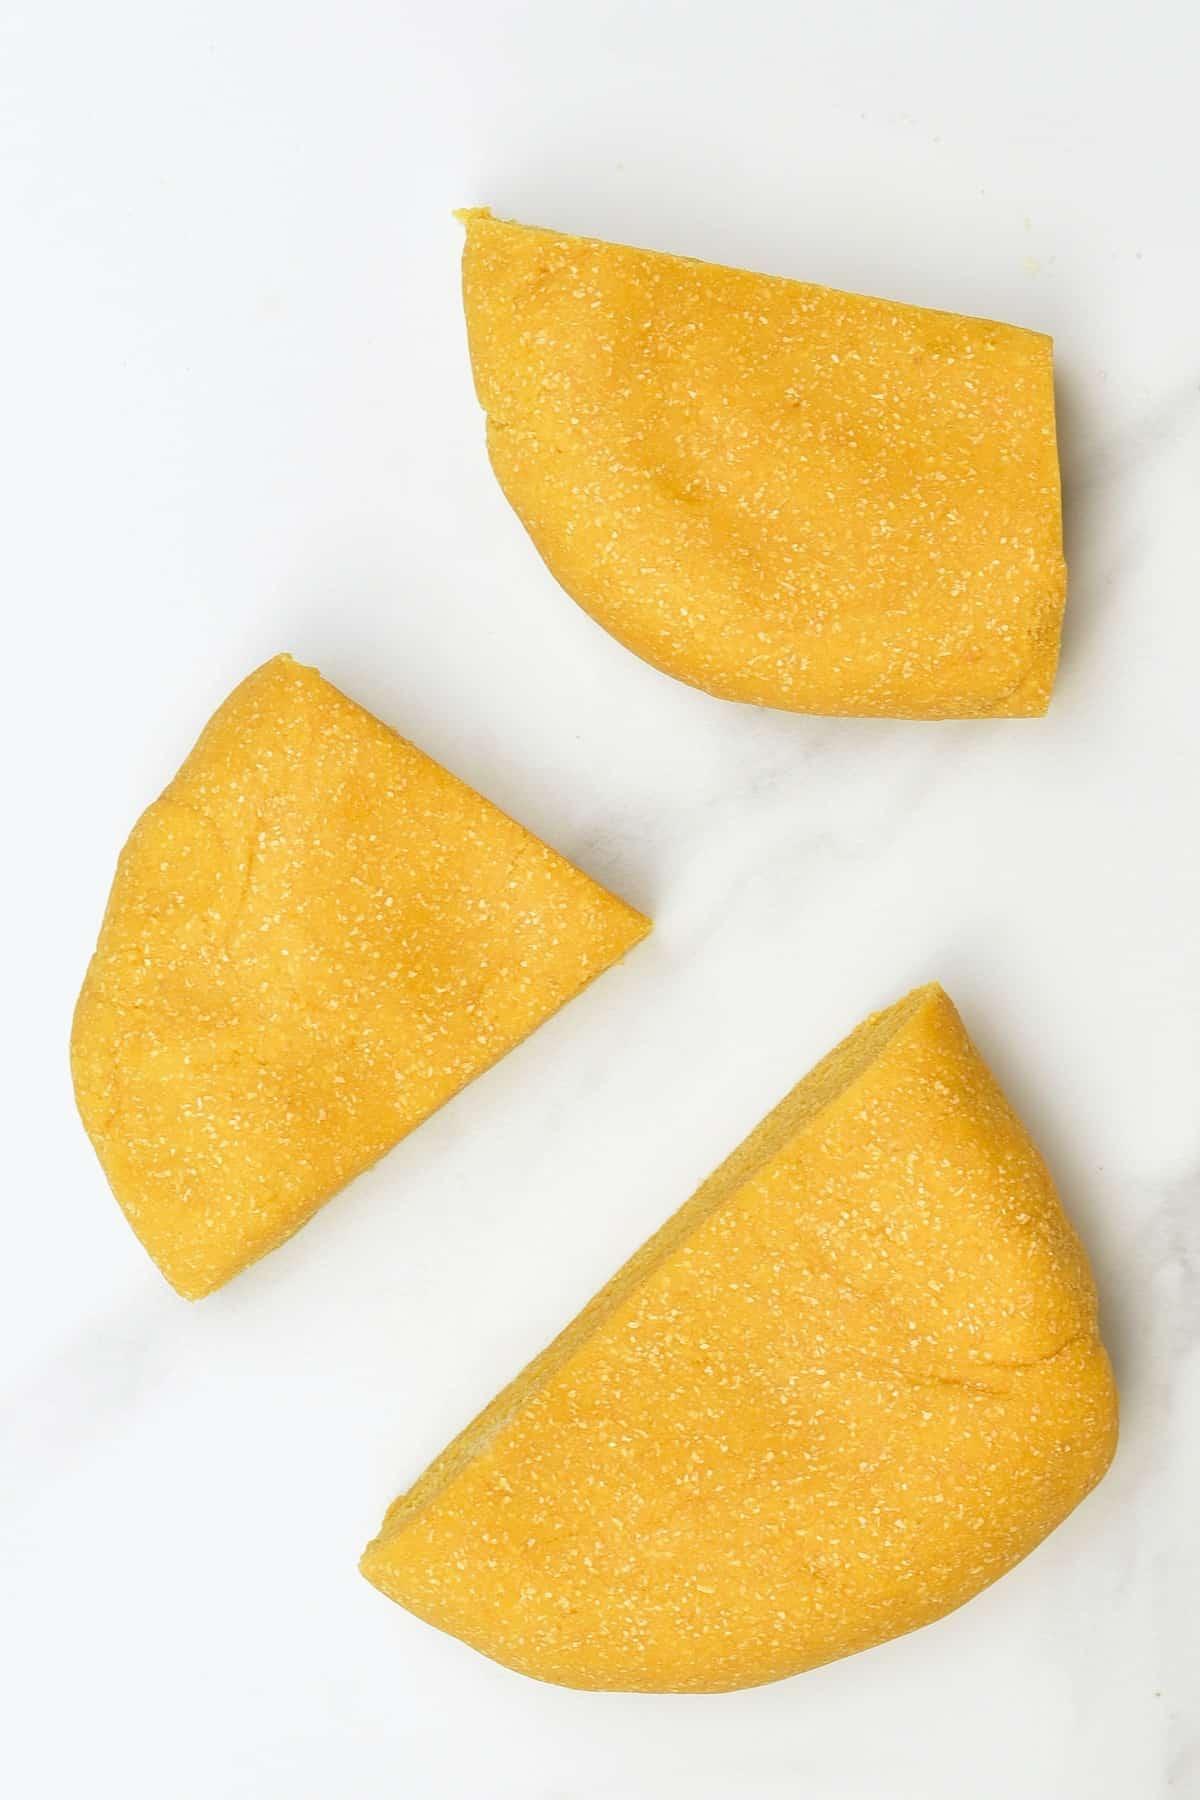 Chickpea dough cut into three